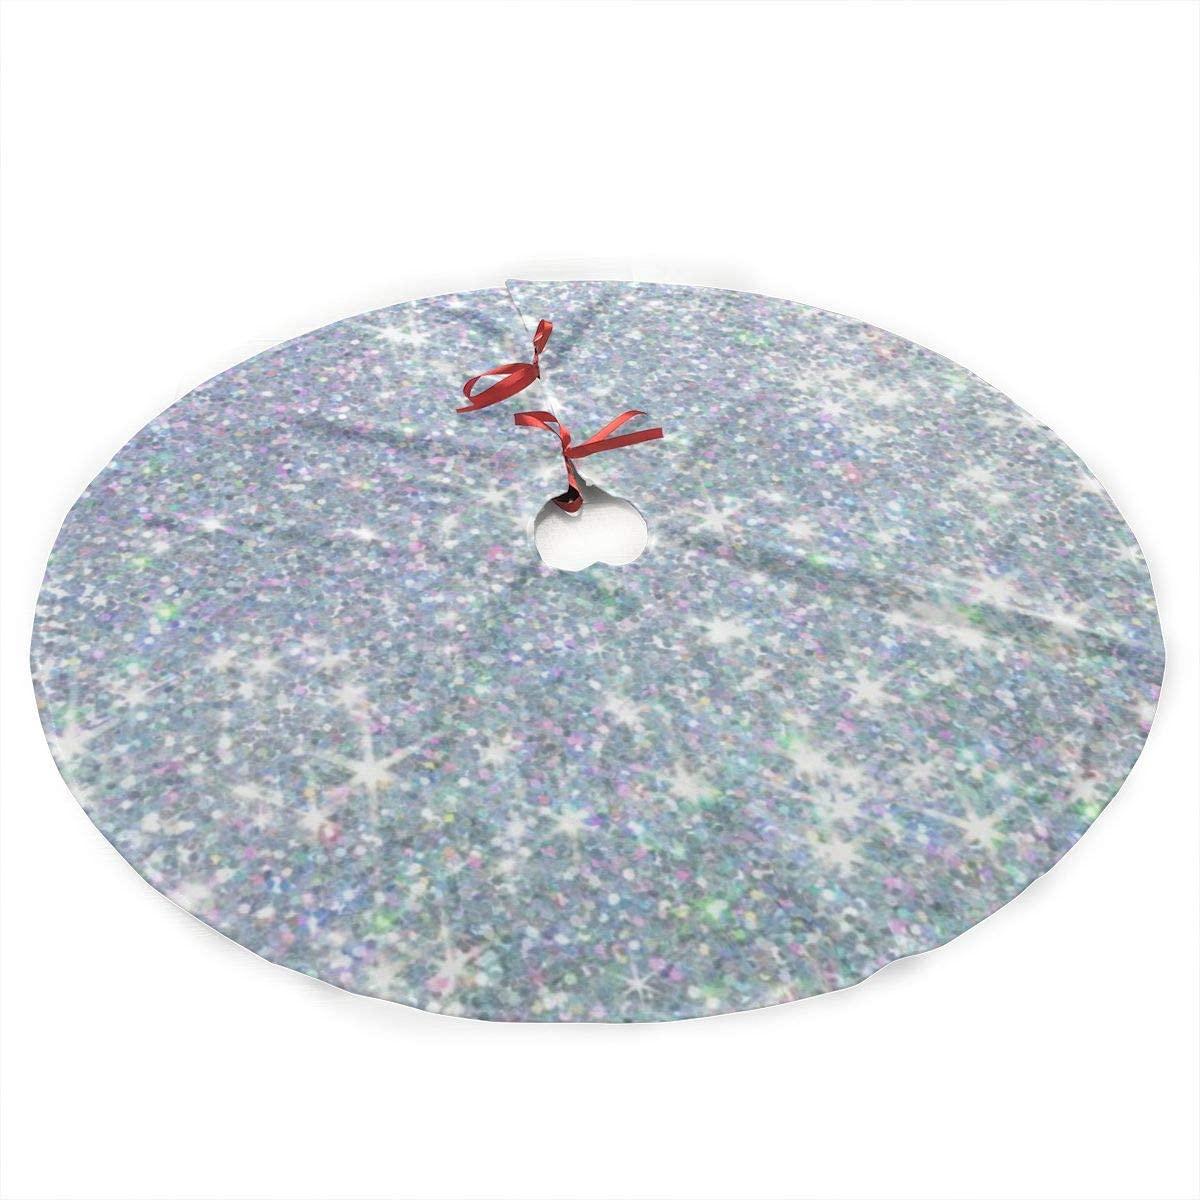 antkondnm Shiny Silver Background Christmas Tree Skirt - 36